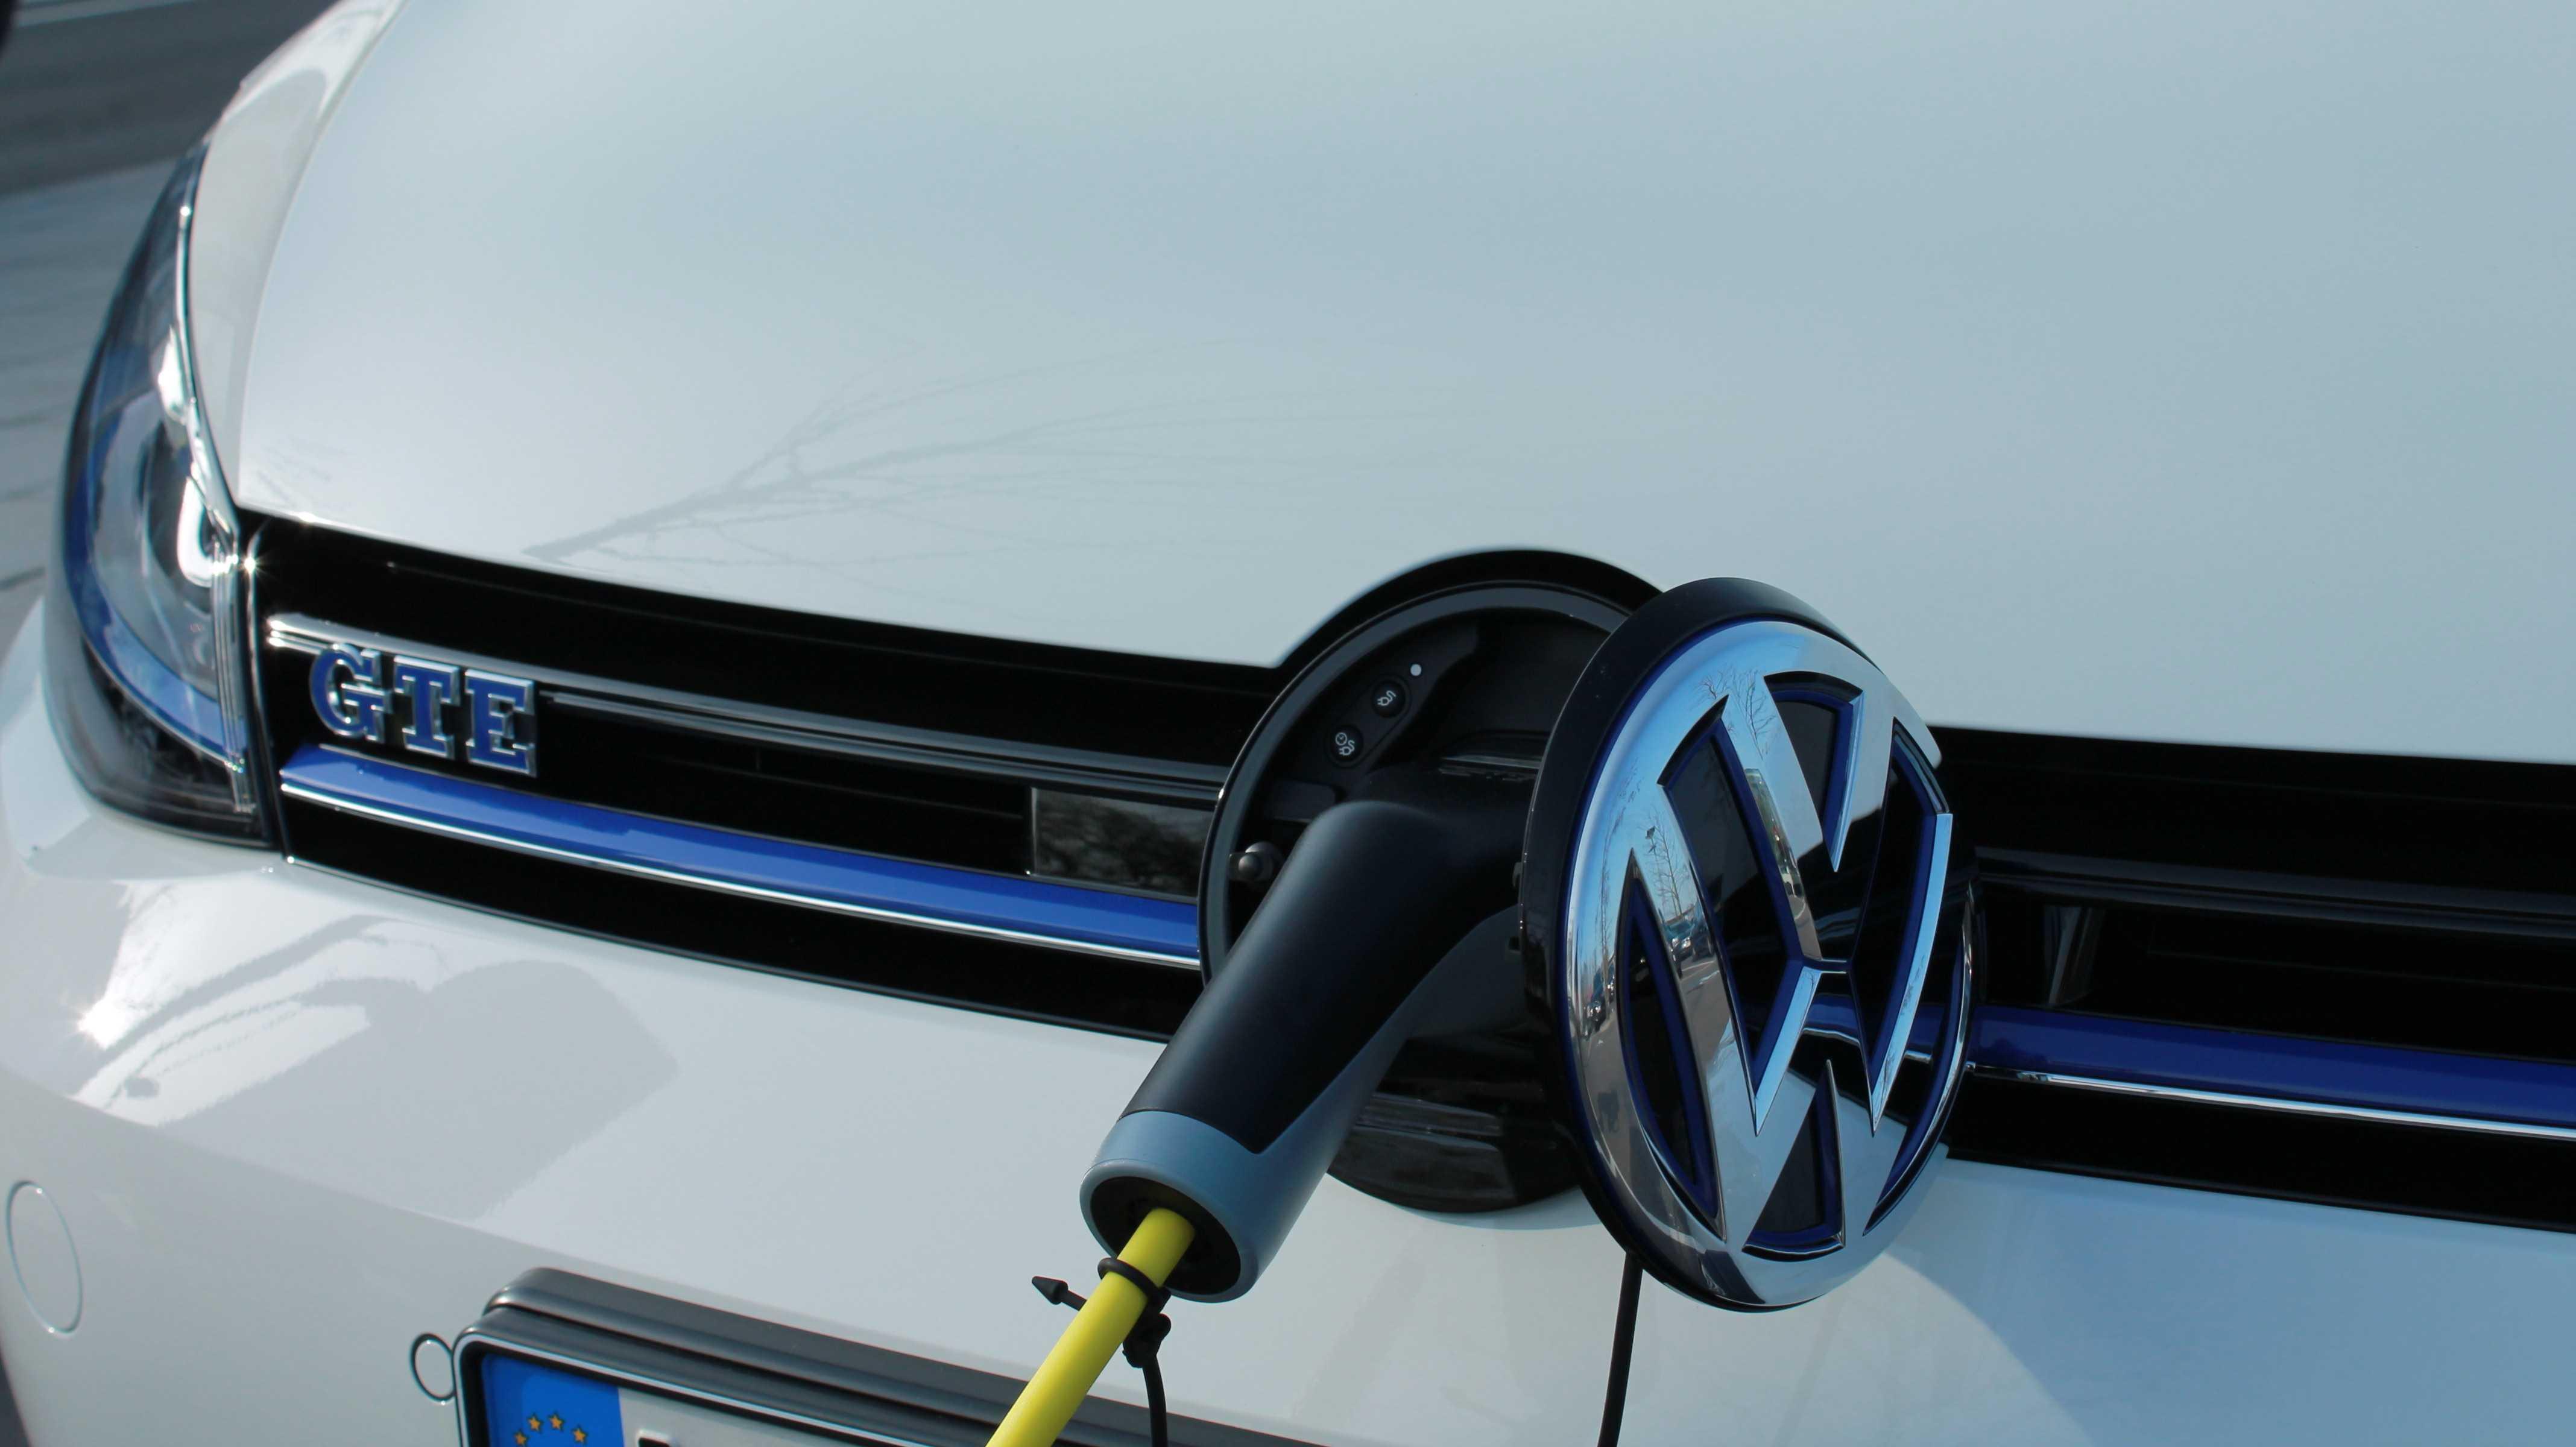 Autohersteller einigen sich nach Streit um Zukunft der E-Mobilität